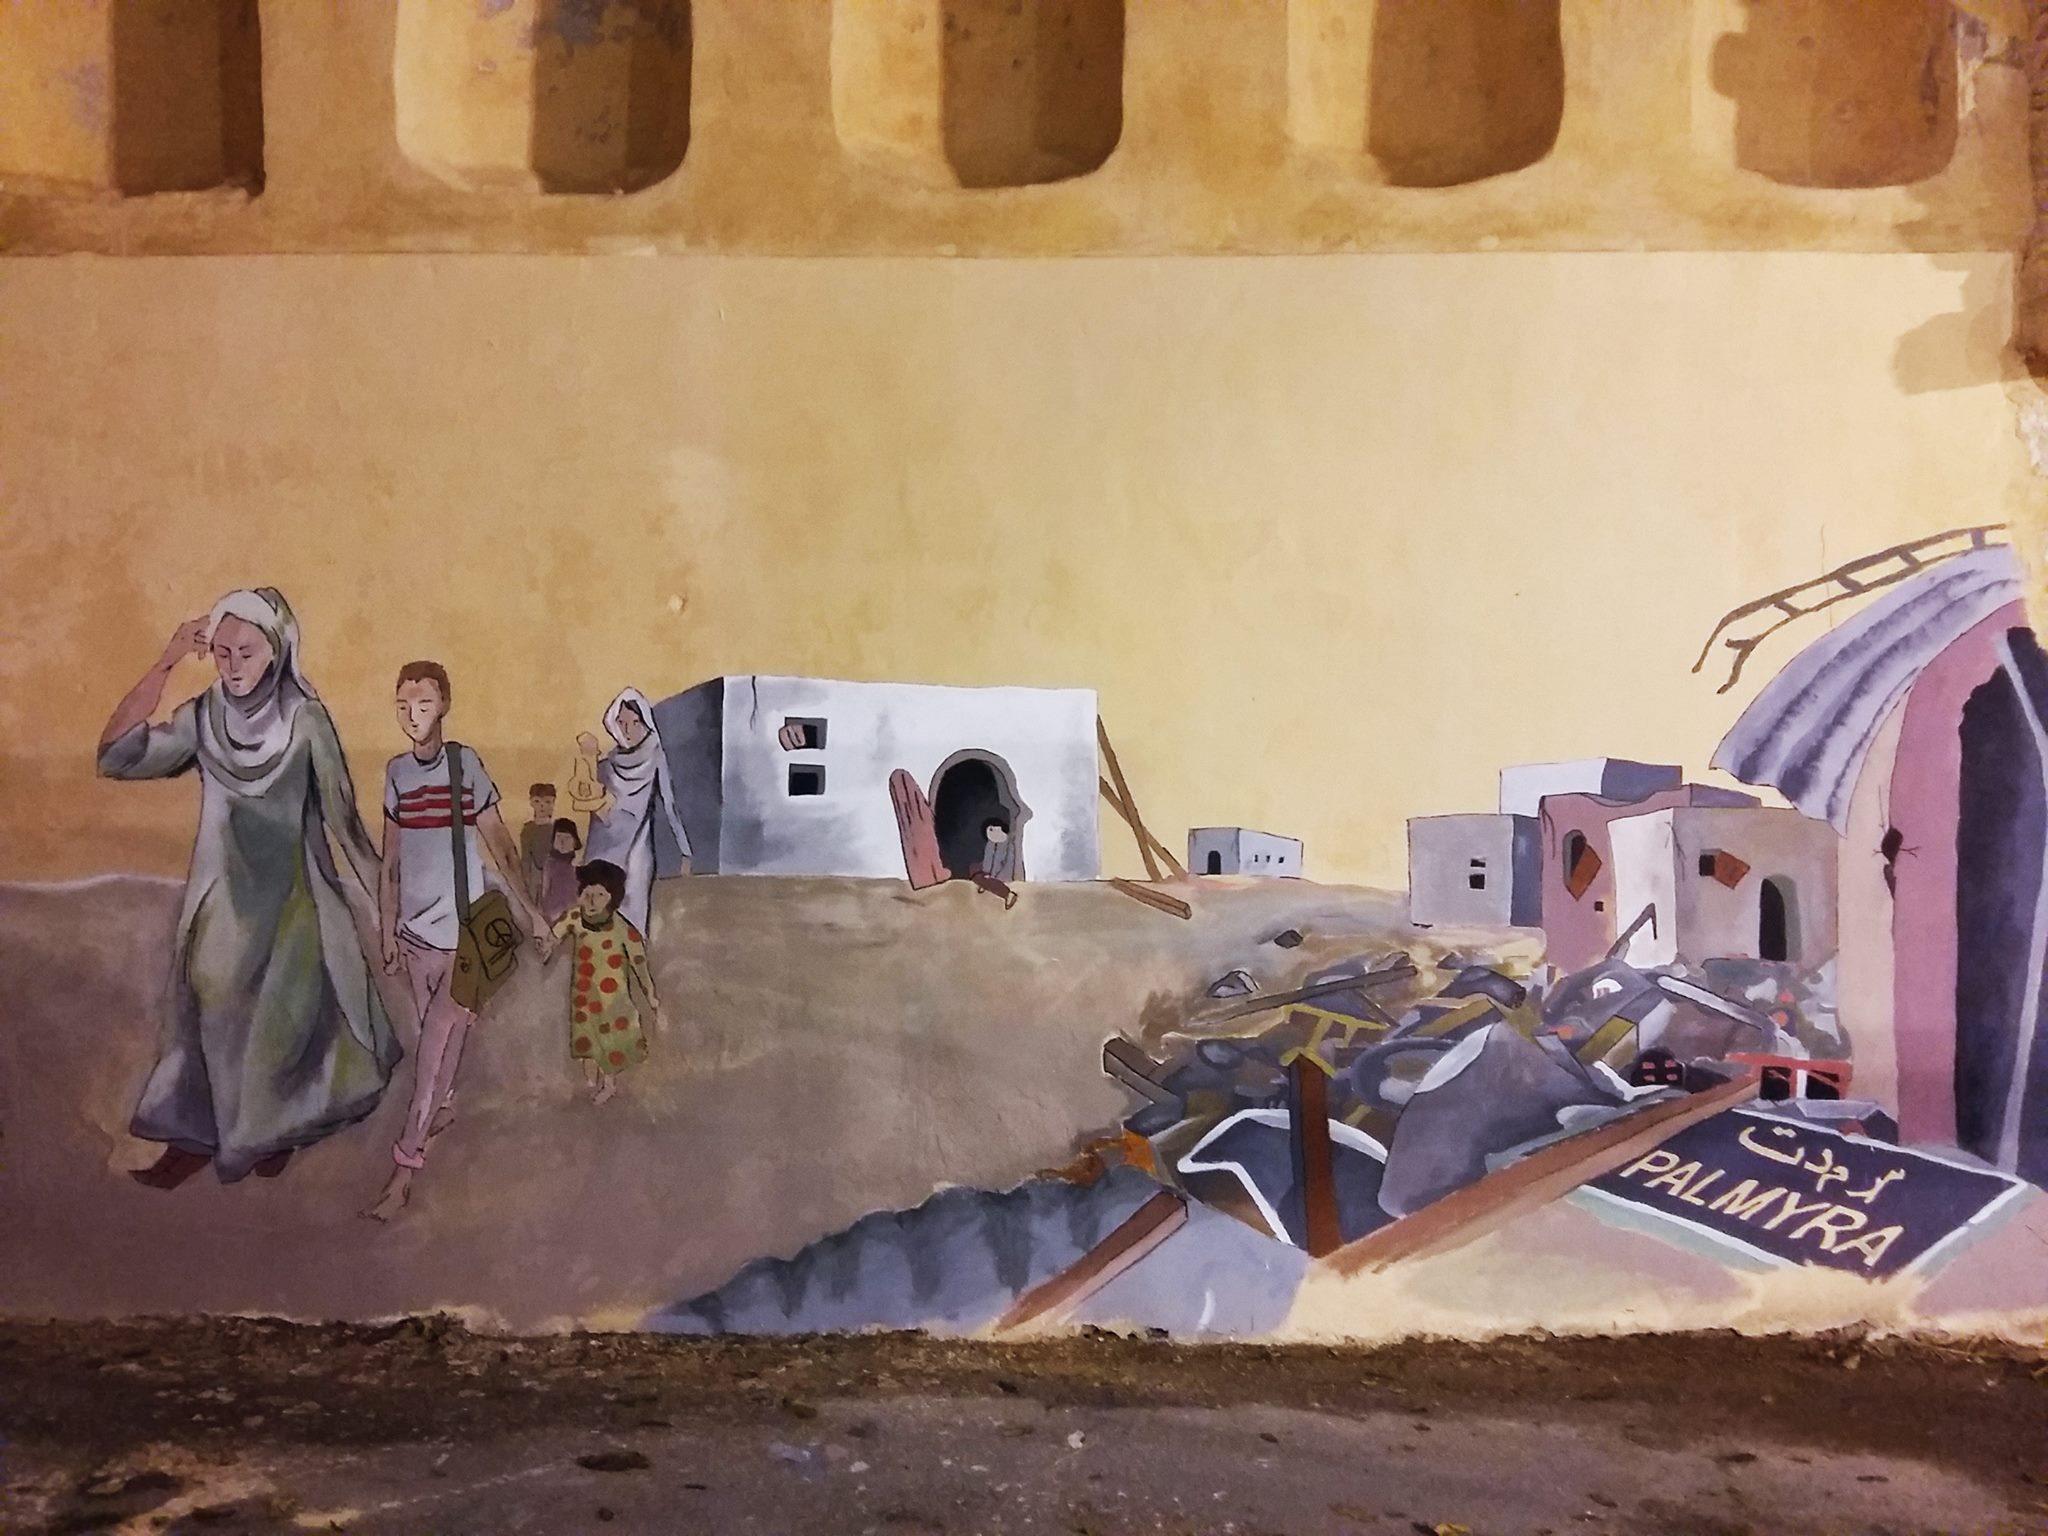 Νηπιαγωγείο και Δημοτικό στο Ρέθυμνο καλωσορίζουν τα προσφυγόπουλα με ένα γκράφιτι!